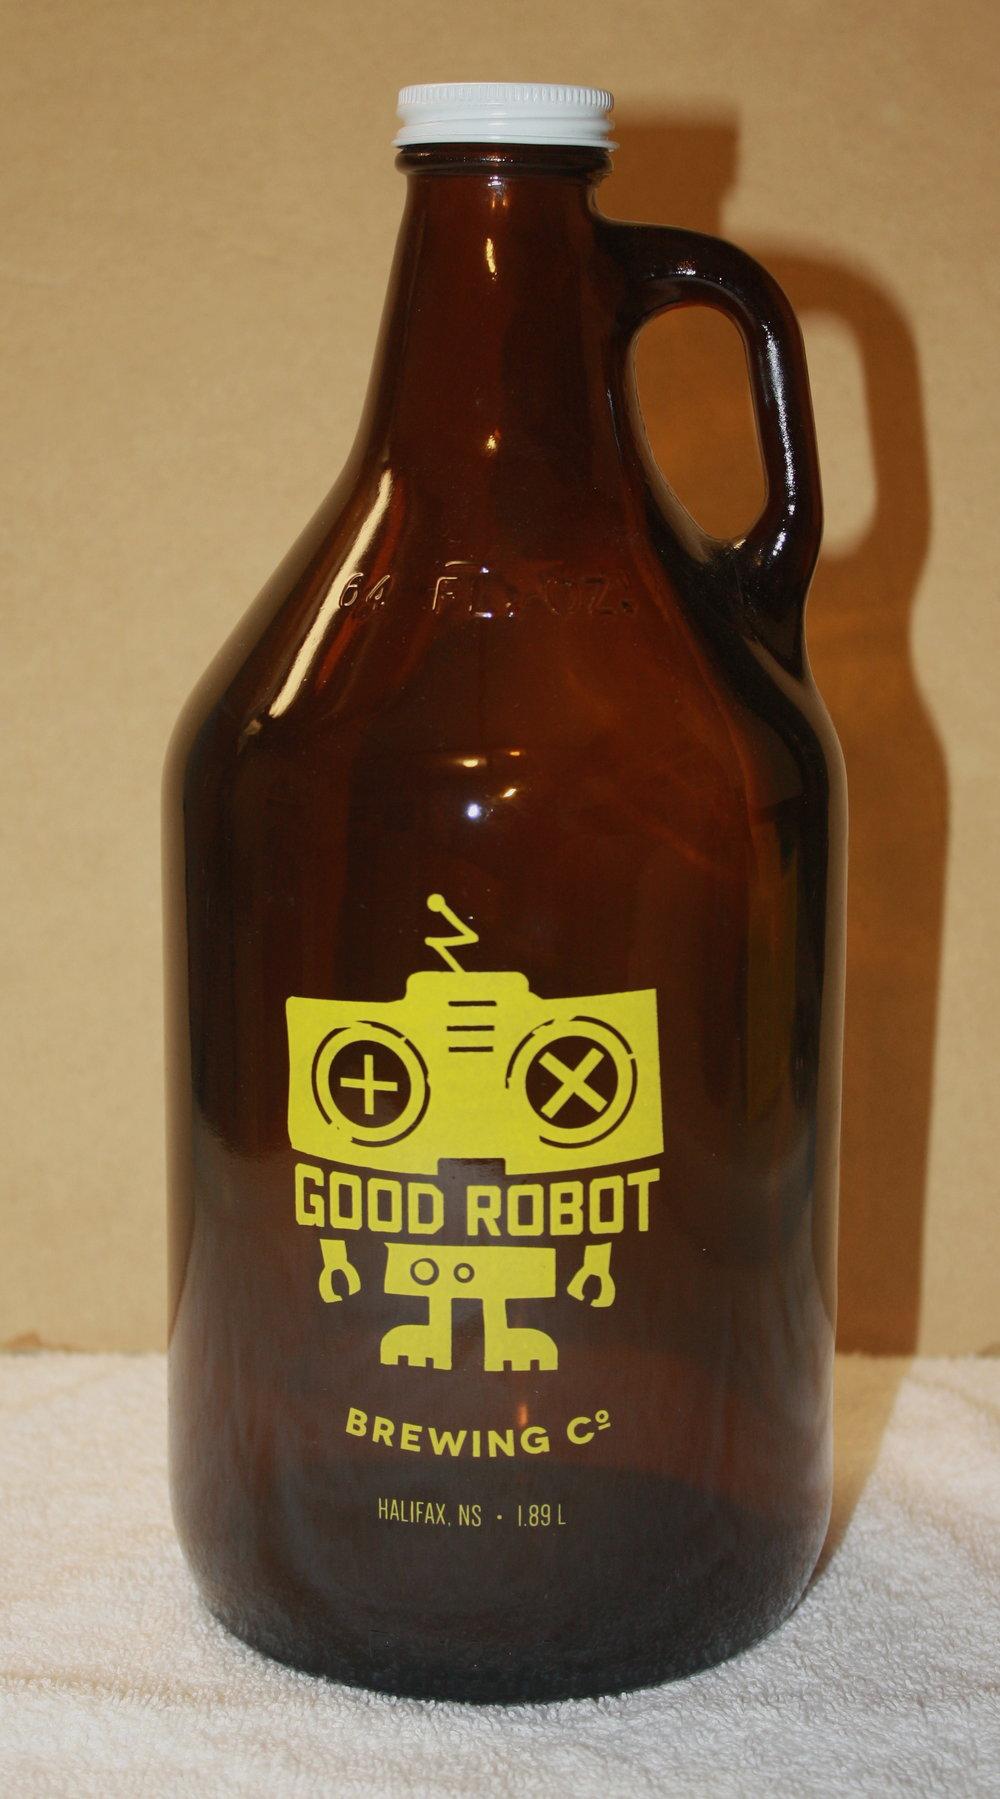 GR - Good Robot Brewing (NS)